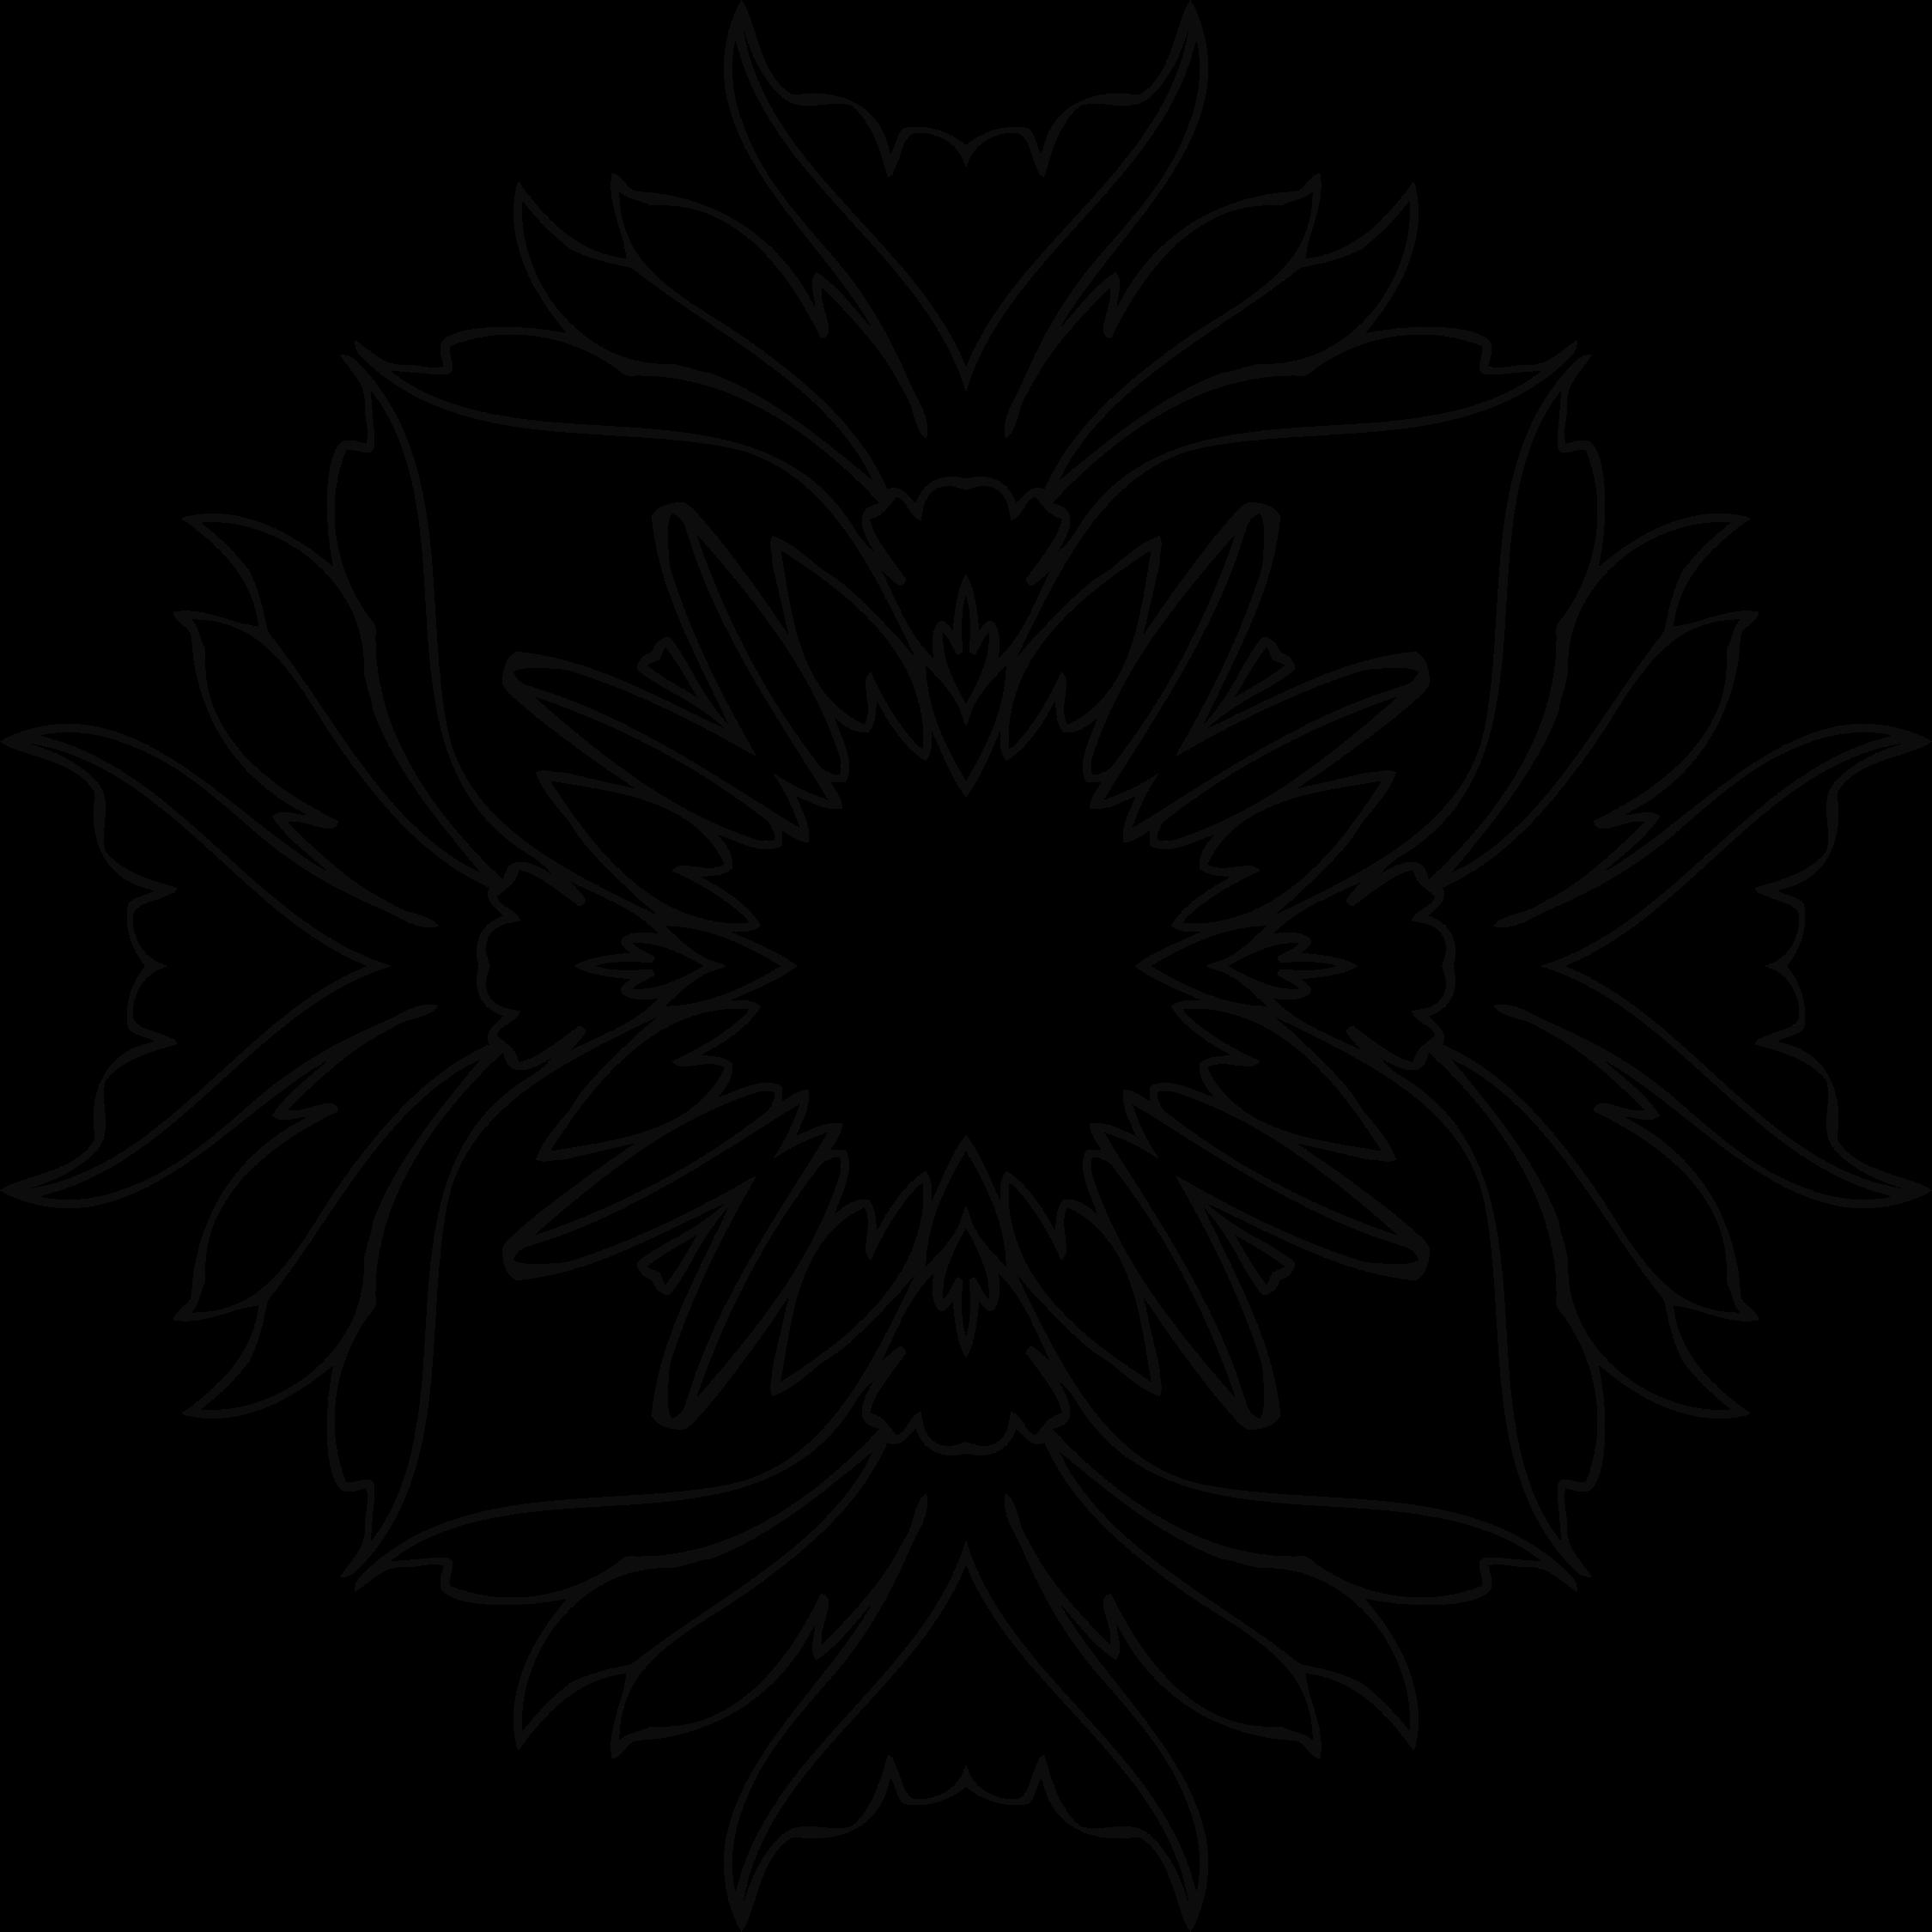 Flower line art png. Clipart big image